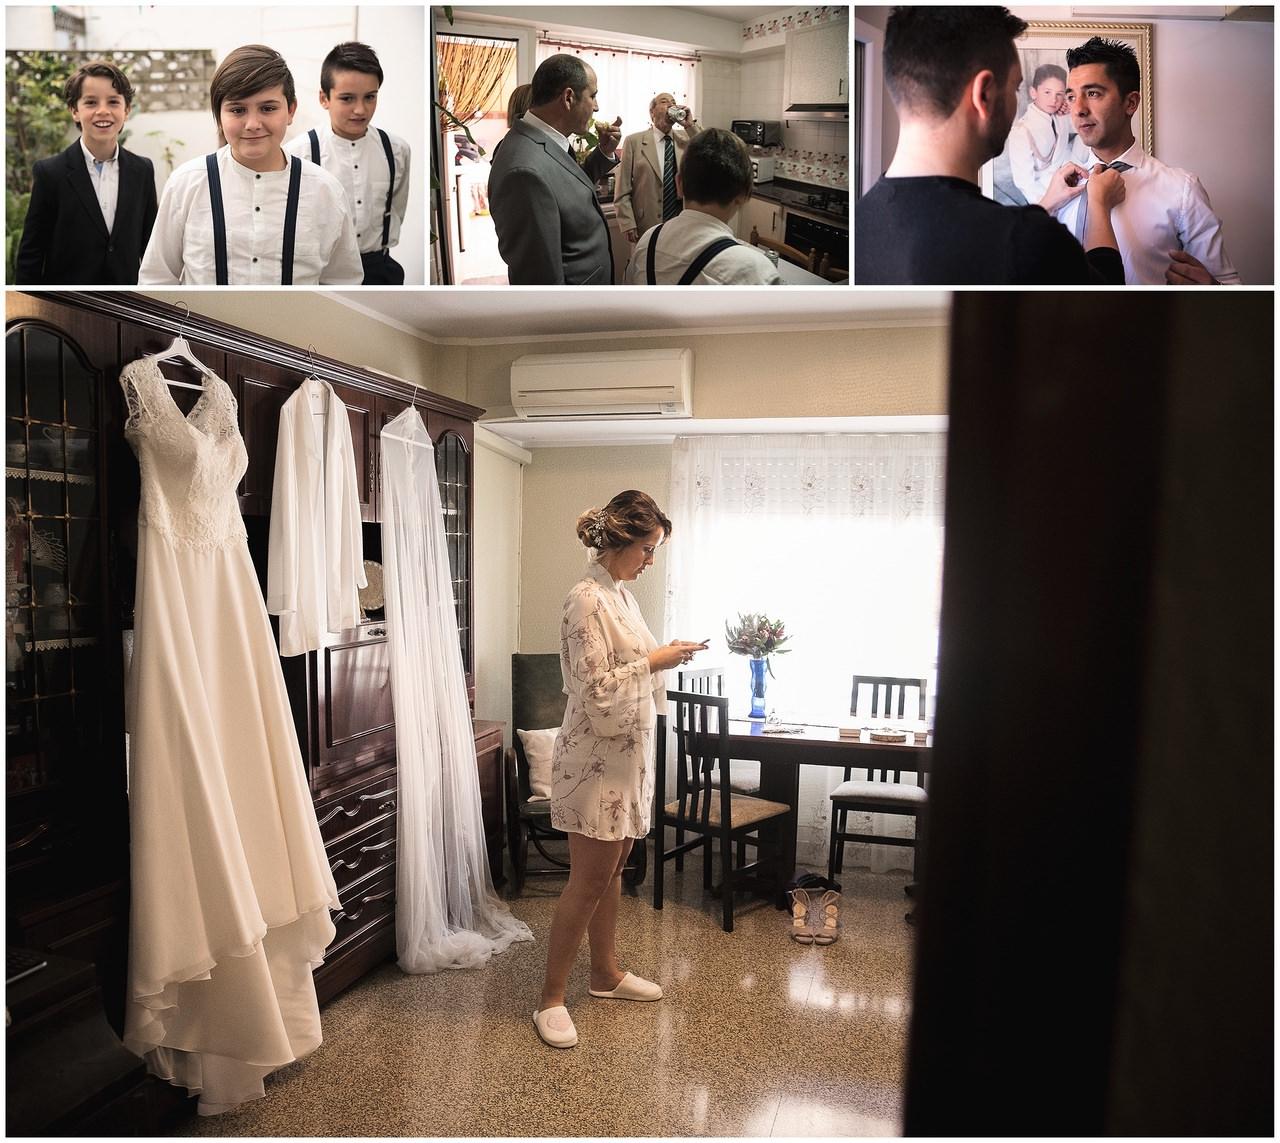 Fotógrafo de bodas en Alcoy, boda de estefy3